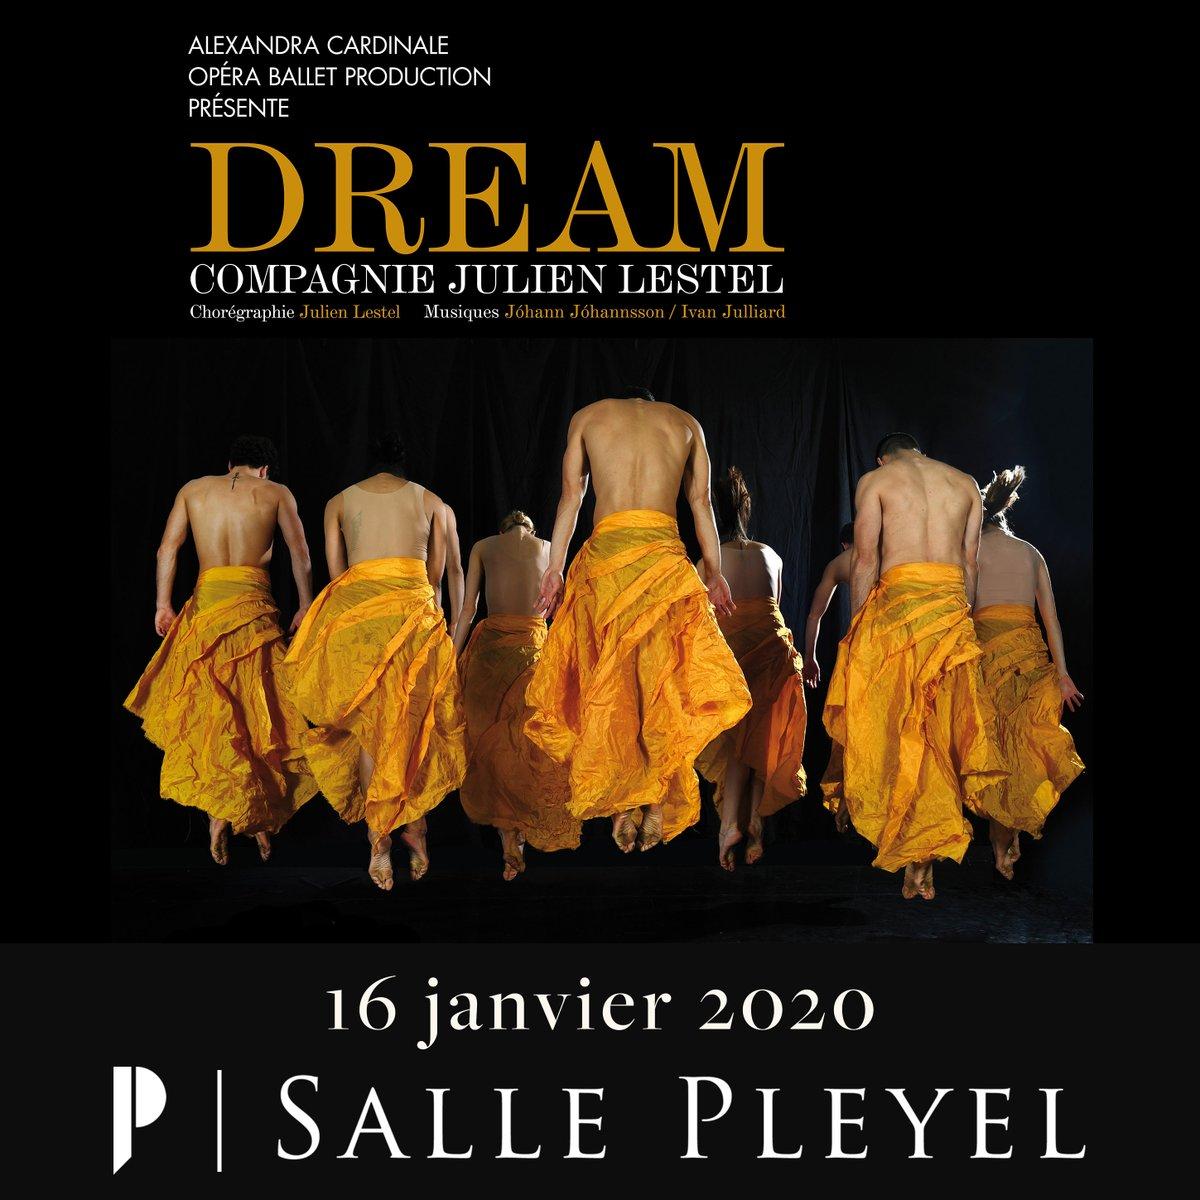 ⏰ / AU PROGRAMME CE SOIR / ⏰ DREAM - @sallepleyel   - 19H00 >> Ouverture des portes - 20H00 >> Dream   Billetterie : https://t.co/HVFCVOYOst  Présenté par : Alexandra Cardinale Opéra Balle